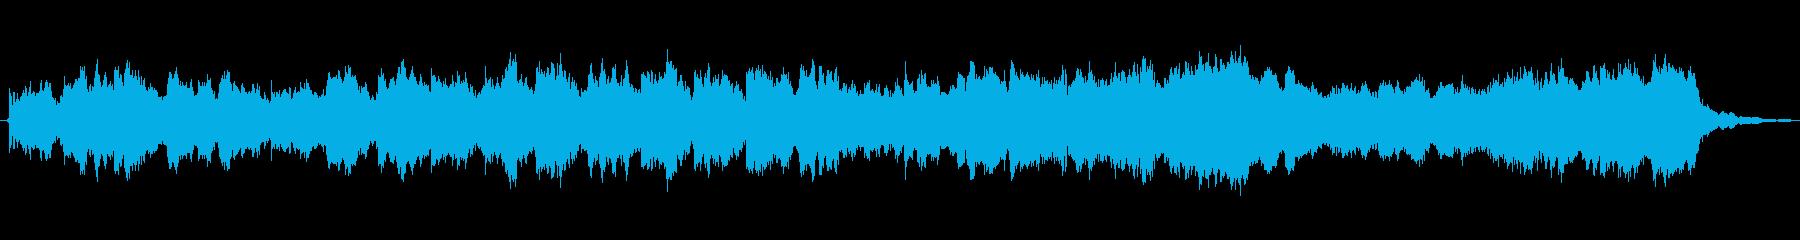 しっとりとしたストリングスアンサンブルの再生済みの波形